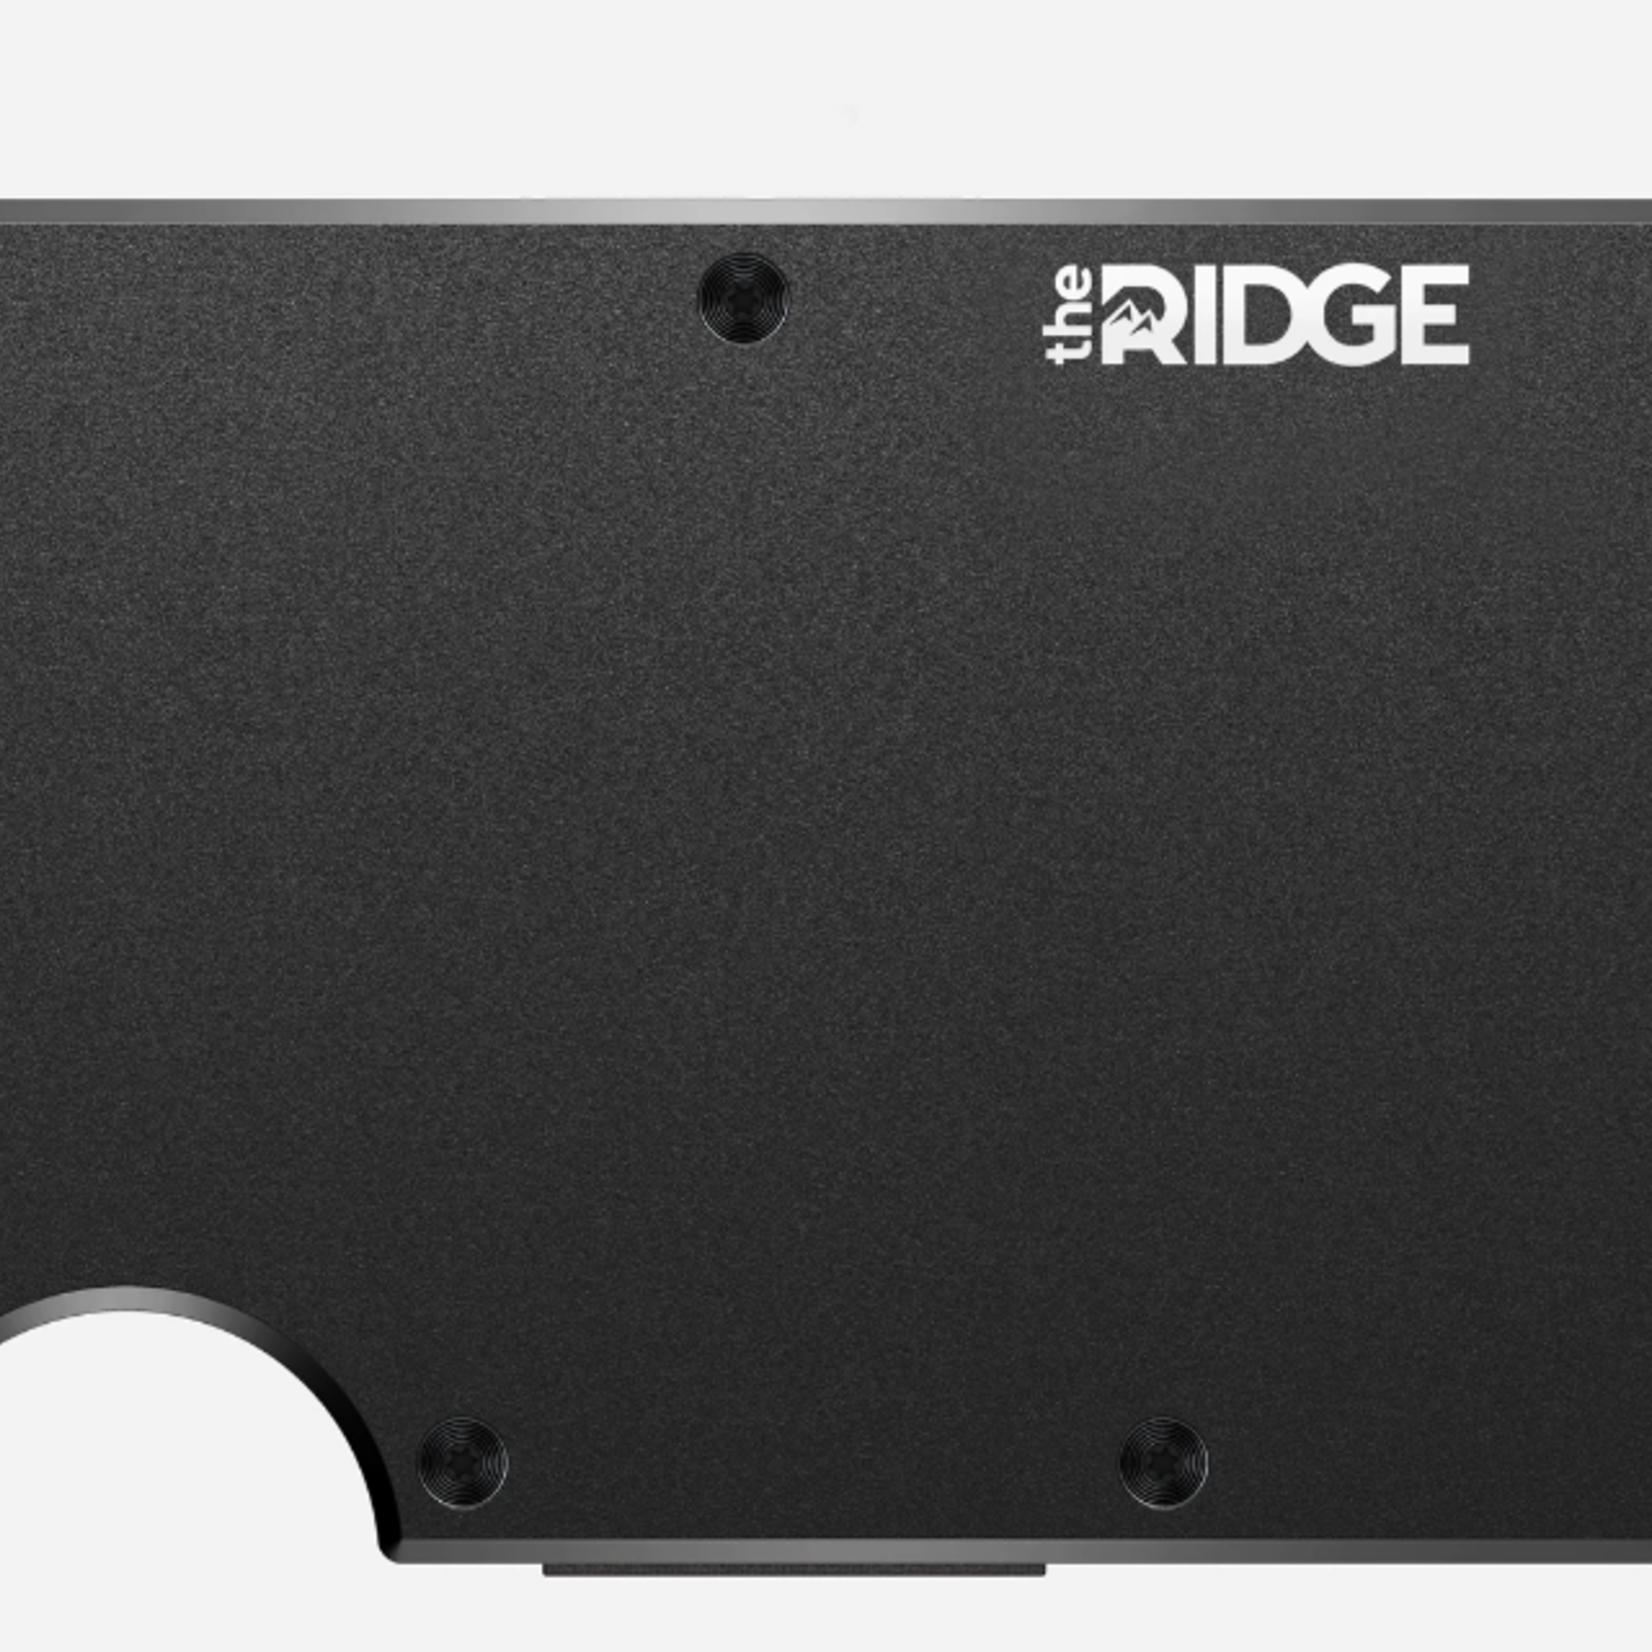 The Ridge The Ridge Aluminum Money Clip - P-118537